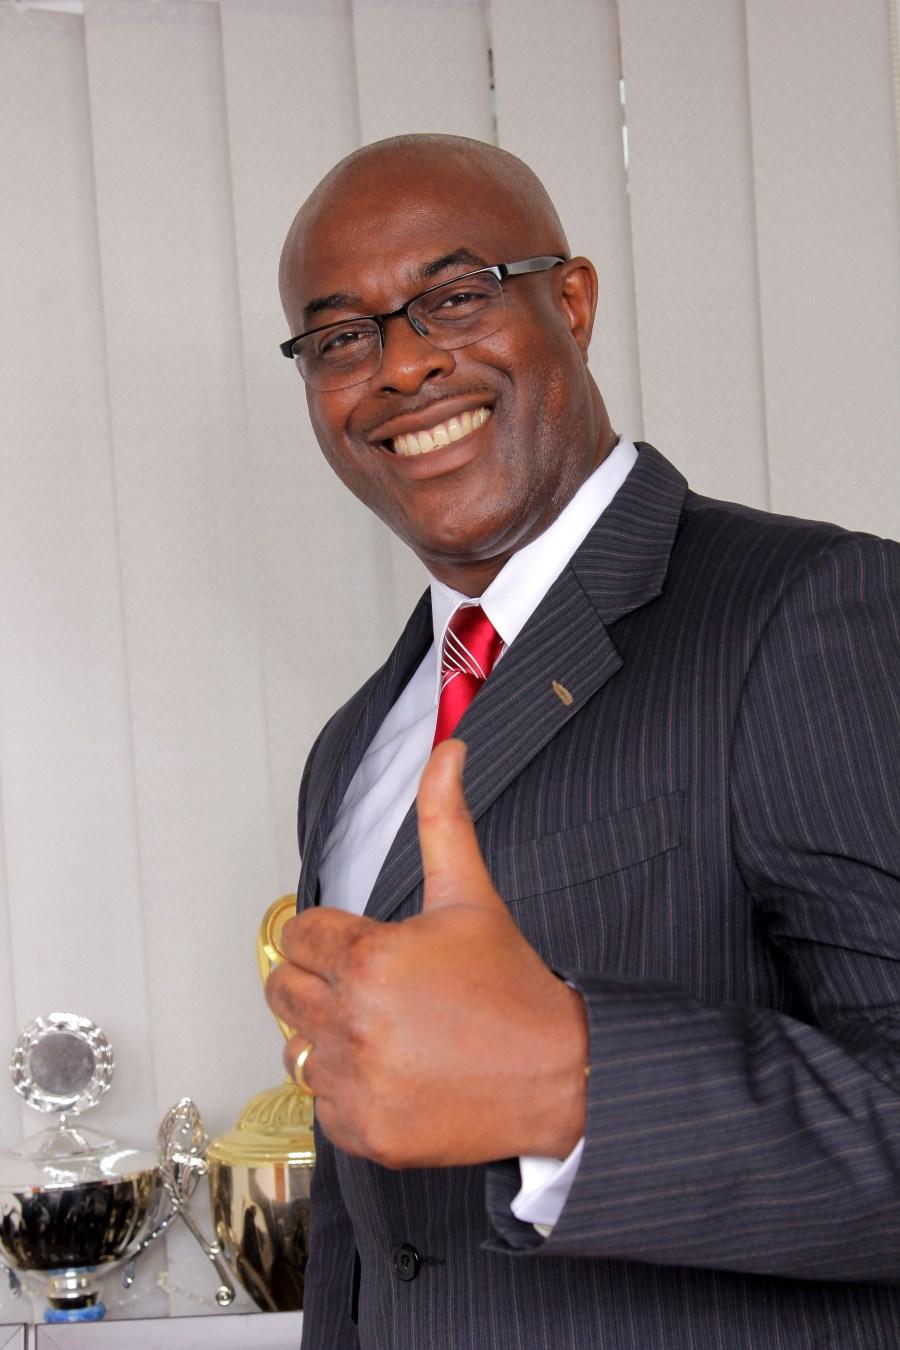 Mr Kelechukwu Mbagwu, NRFF President